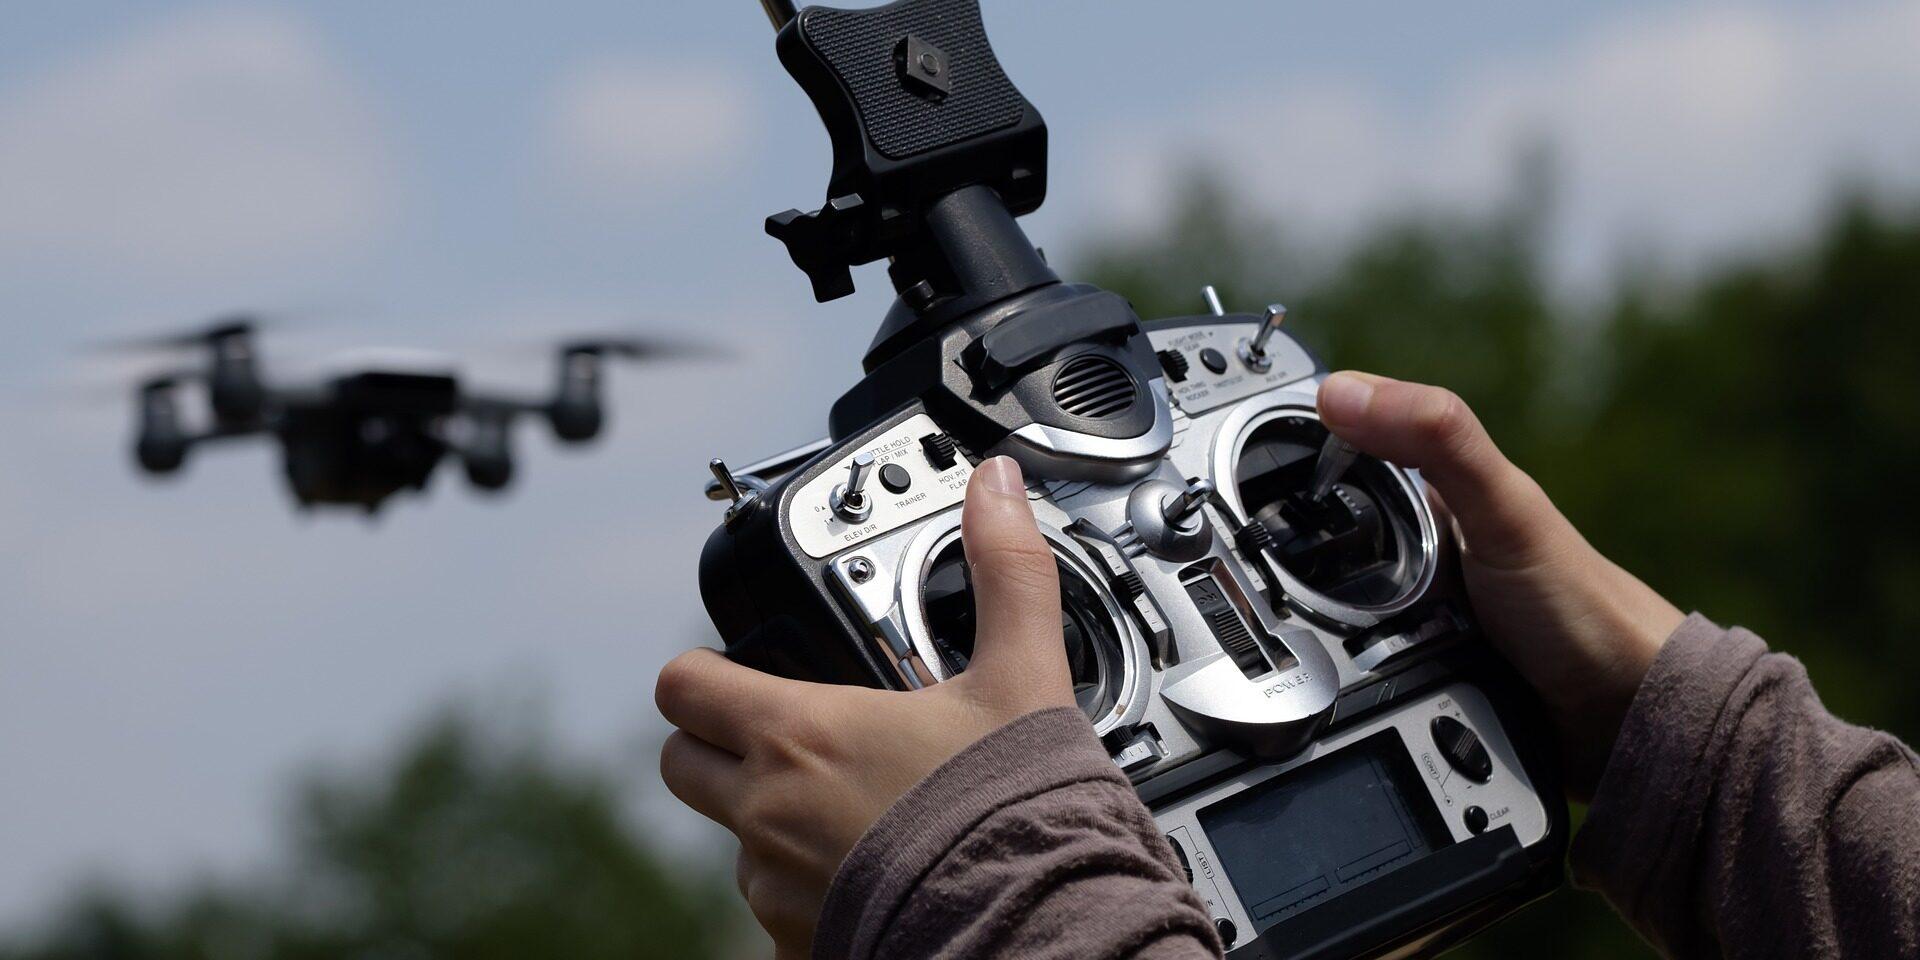 drone-2676000_1920